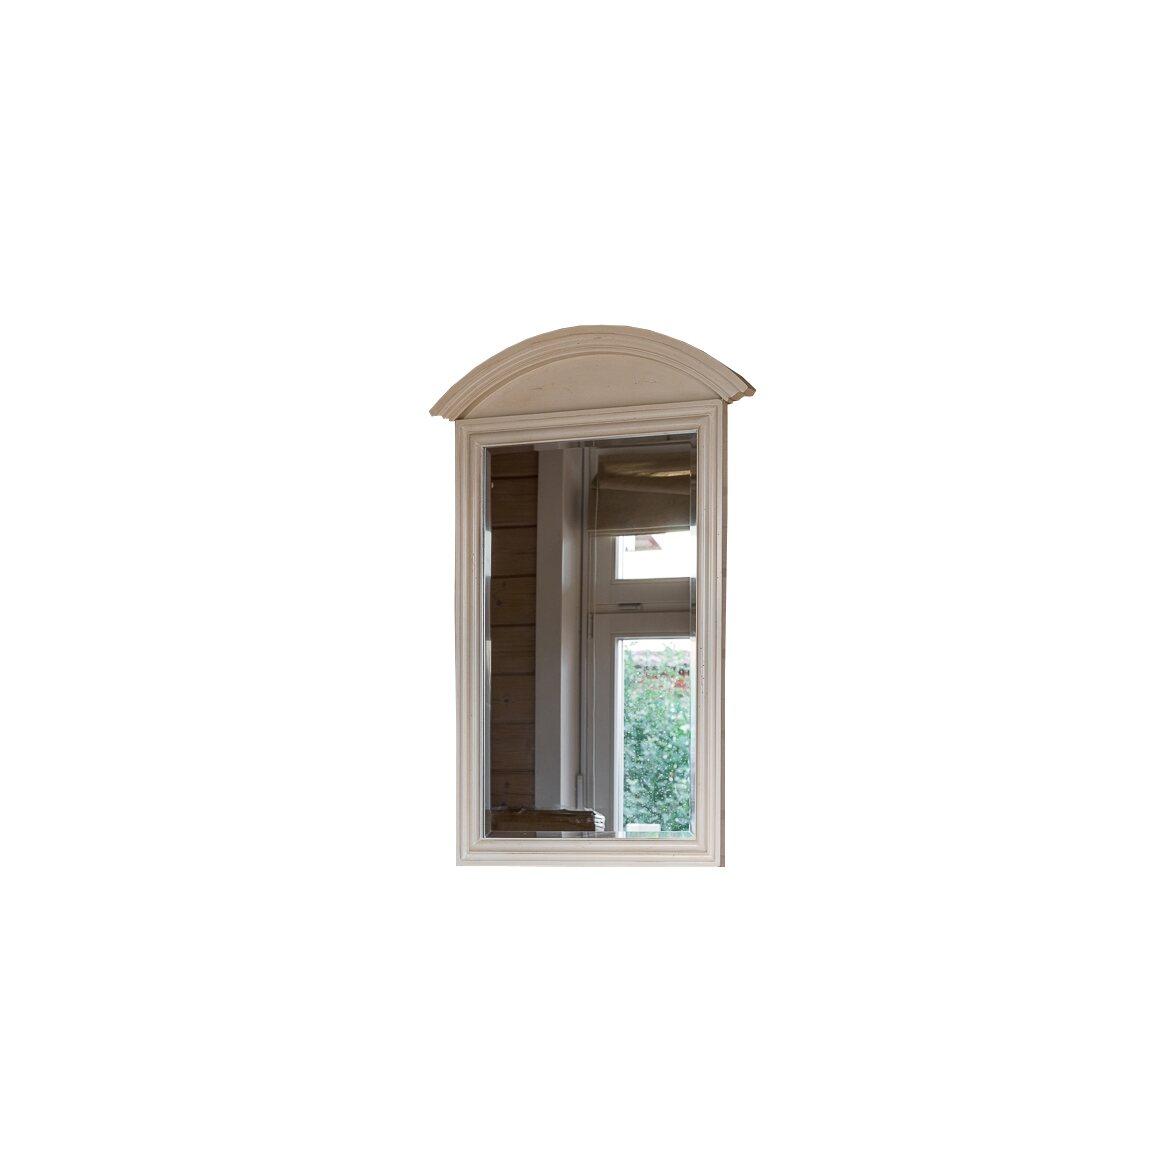 Прямоугольное зеркало настенное Leontina, бежевого цвета   Настенные зеркала Kingsby